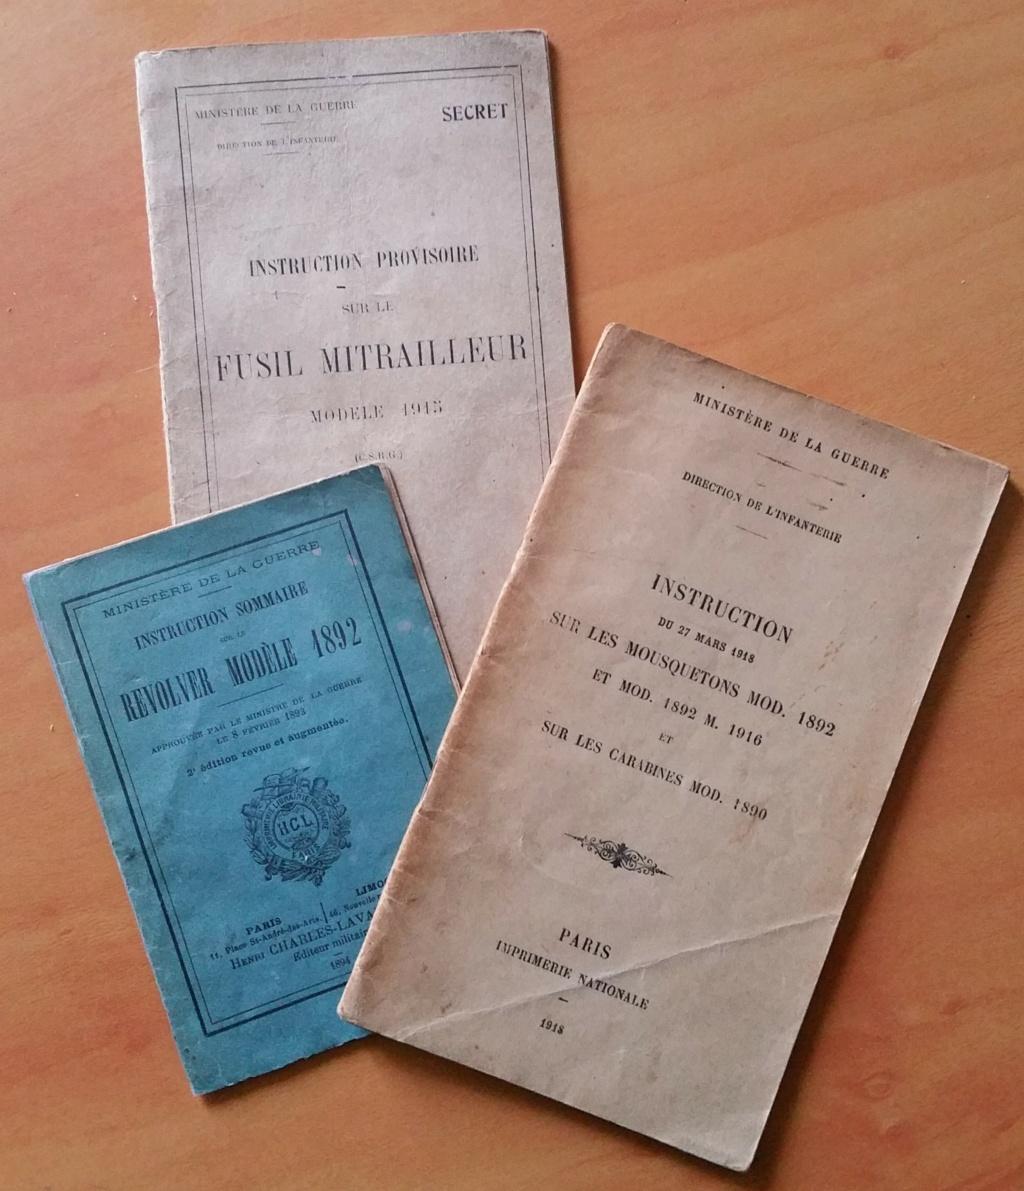 livret d'instruction FM chauchat carabine 1890 et revolver 1892 20201013